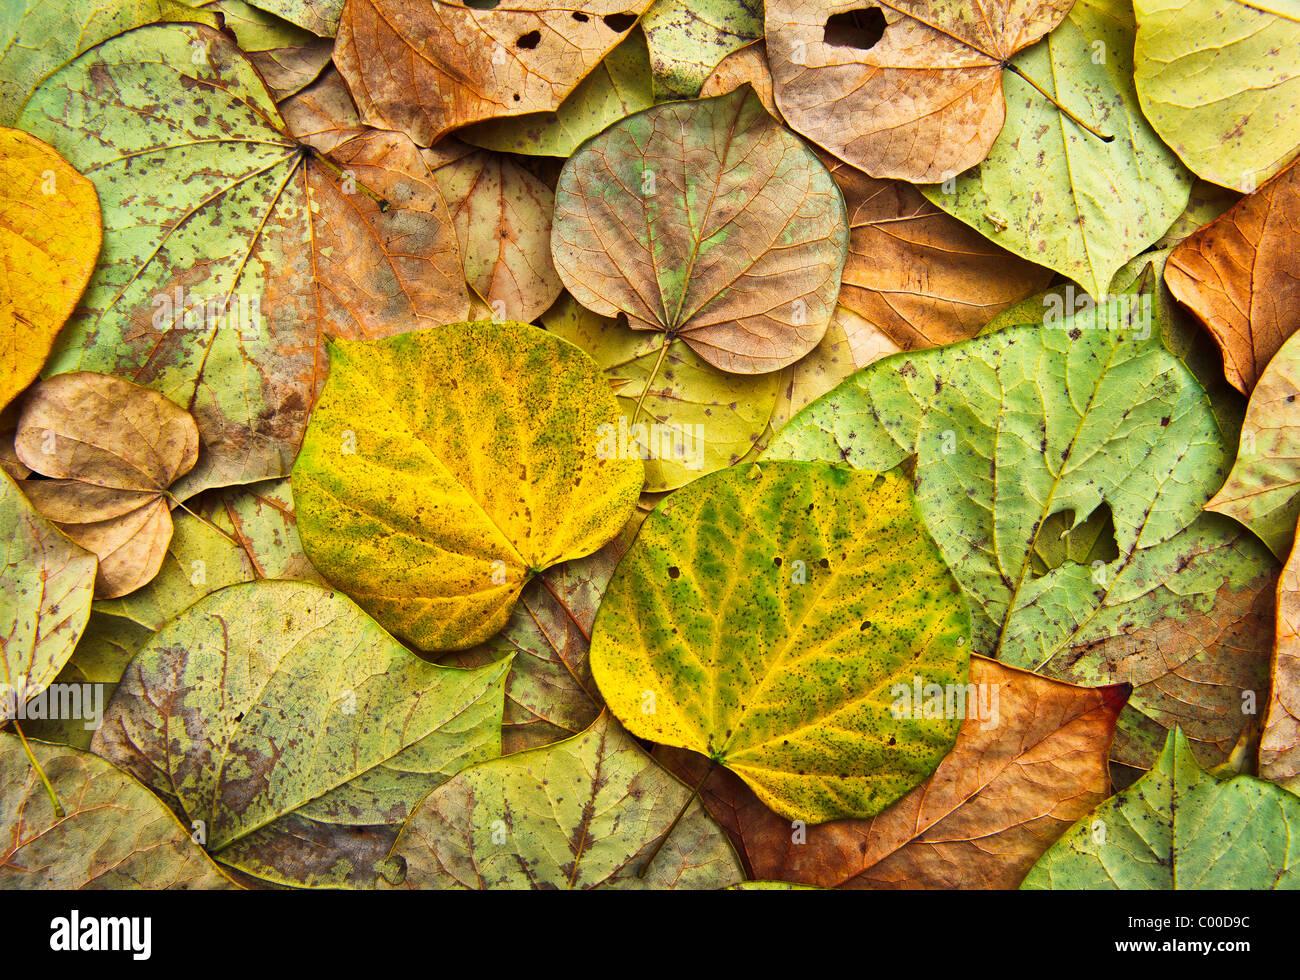 L'est dynamique, coloré de Red Bud les feuilles des arbres forment un motif complexe, montrant les différents états Banque D'Images